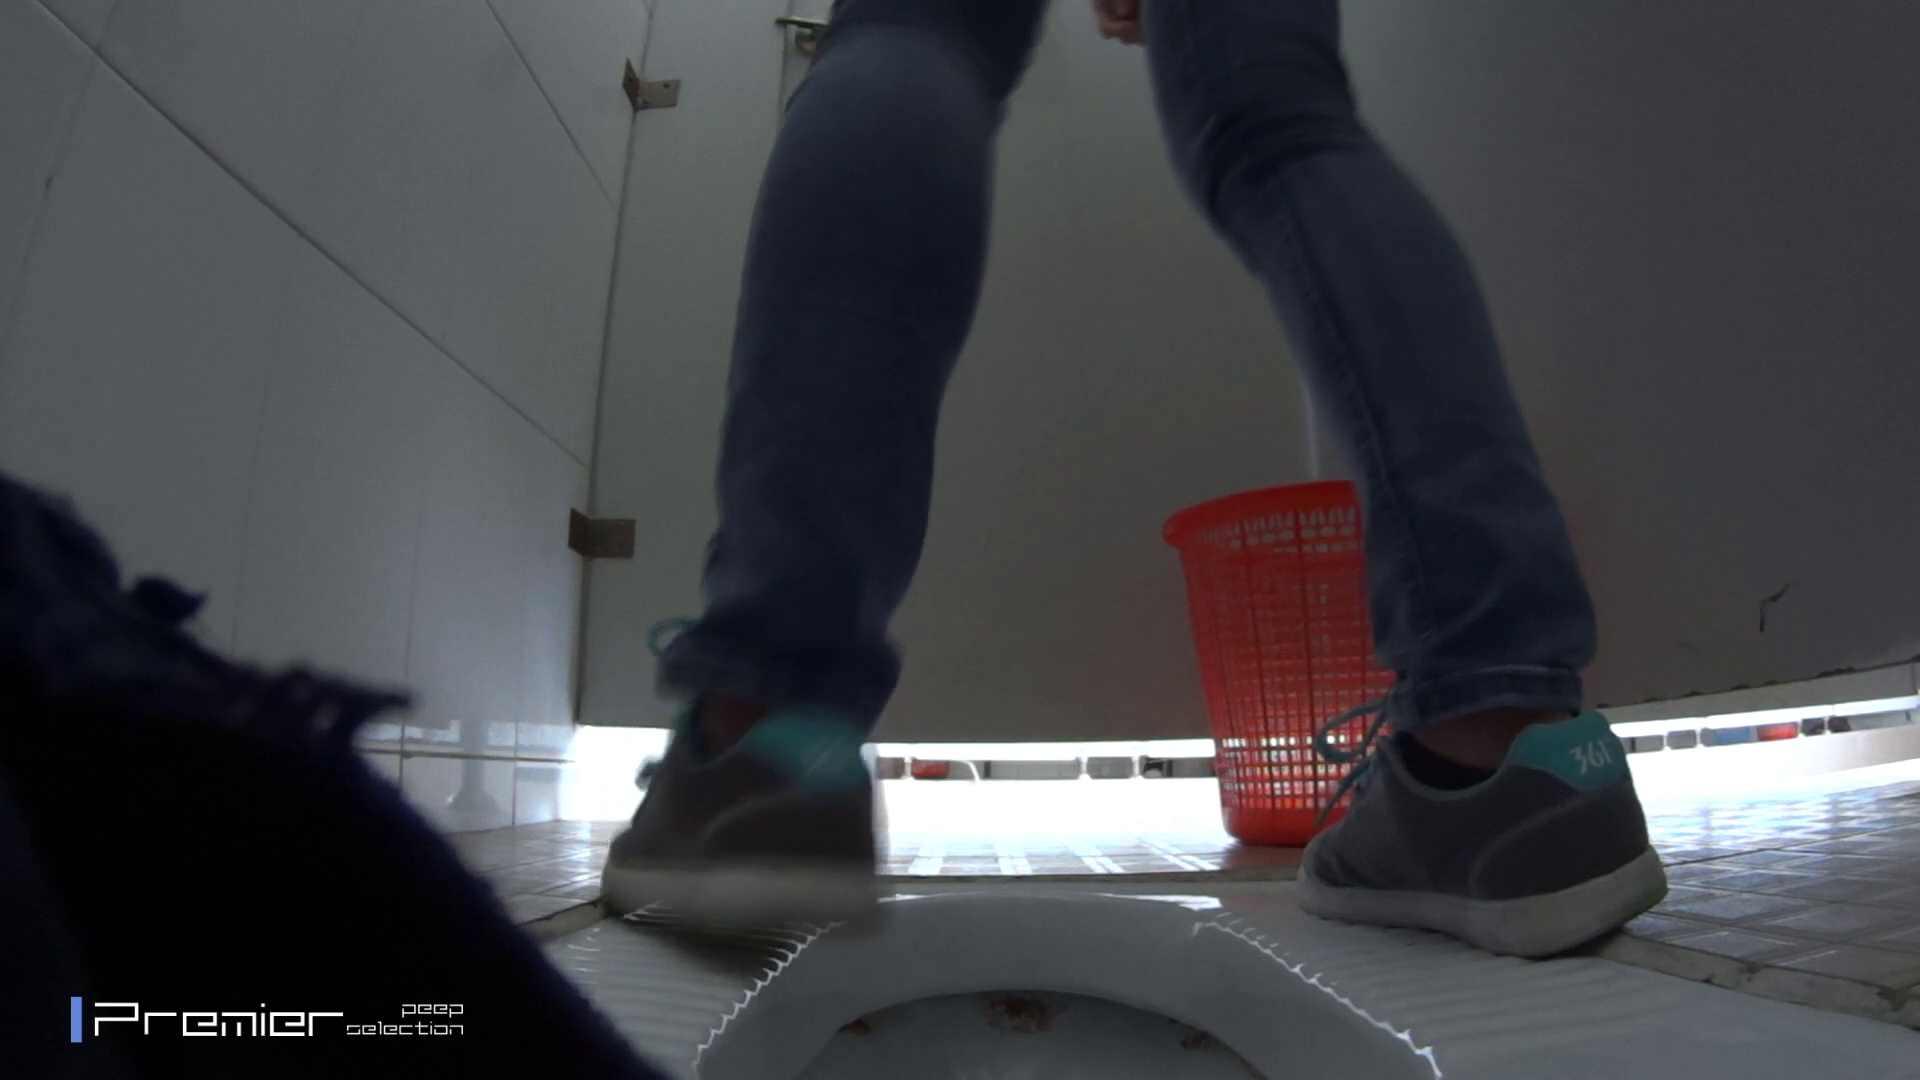 無修正エロ動画|めくれ上がる陰部からの大聖水!大学休憩時間の洗面所事情27|怪盗ジョーカー